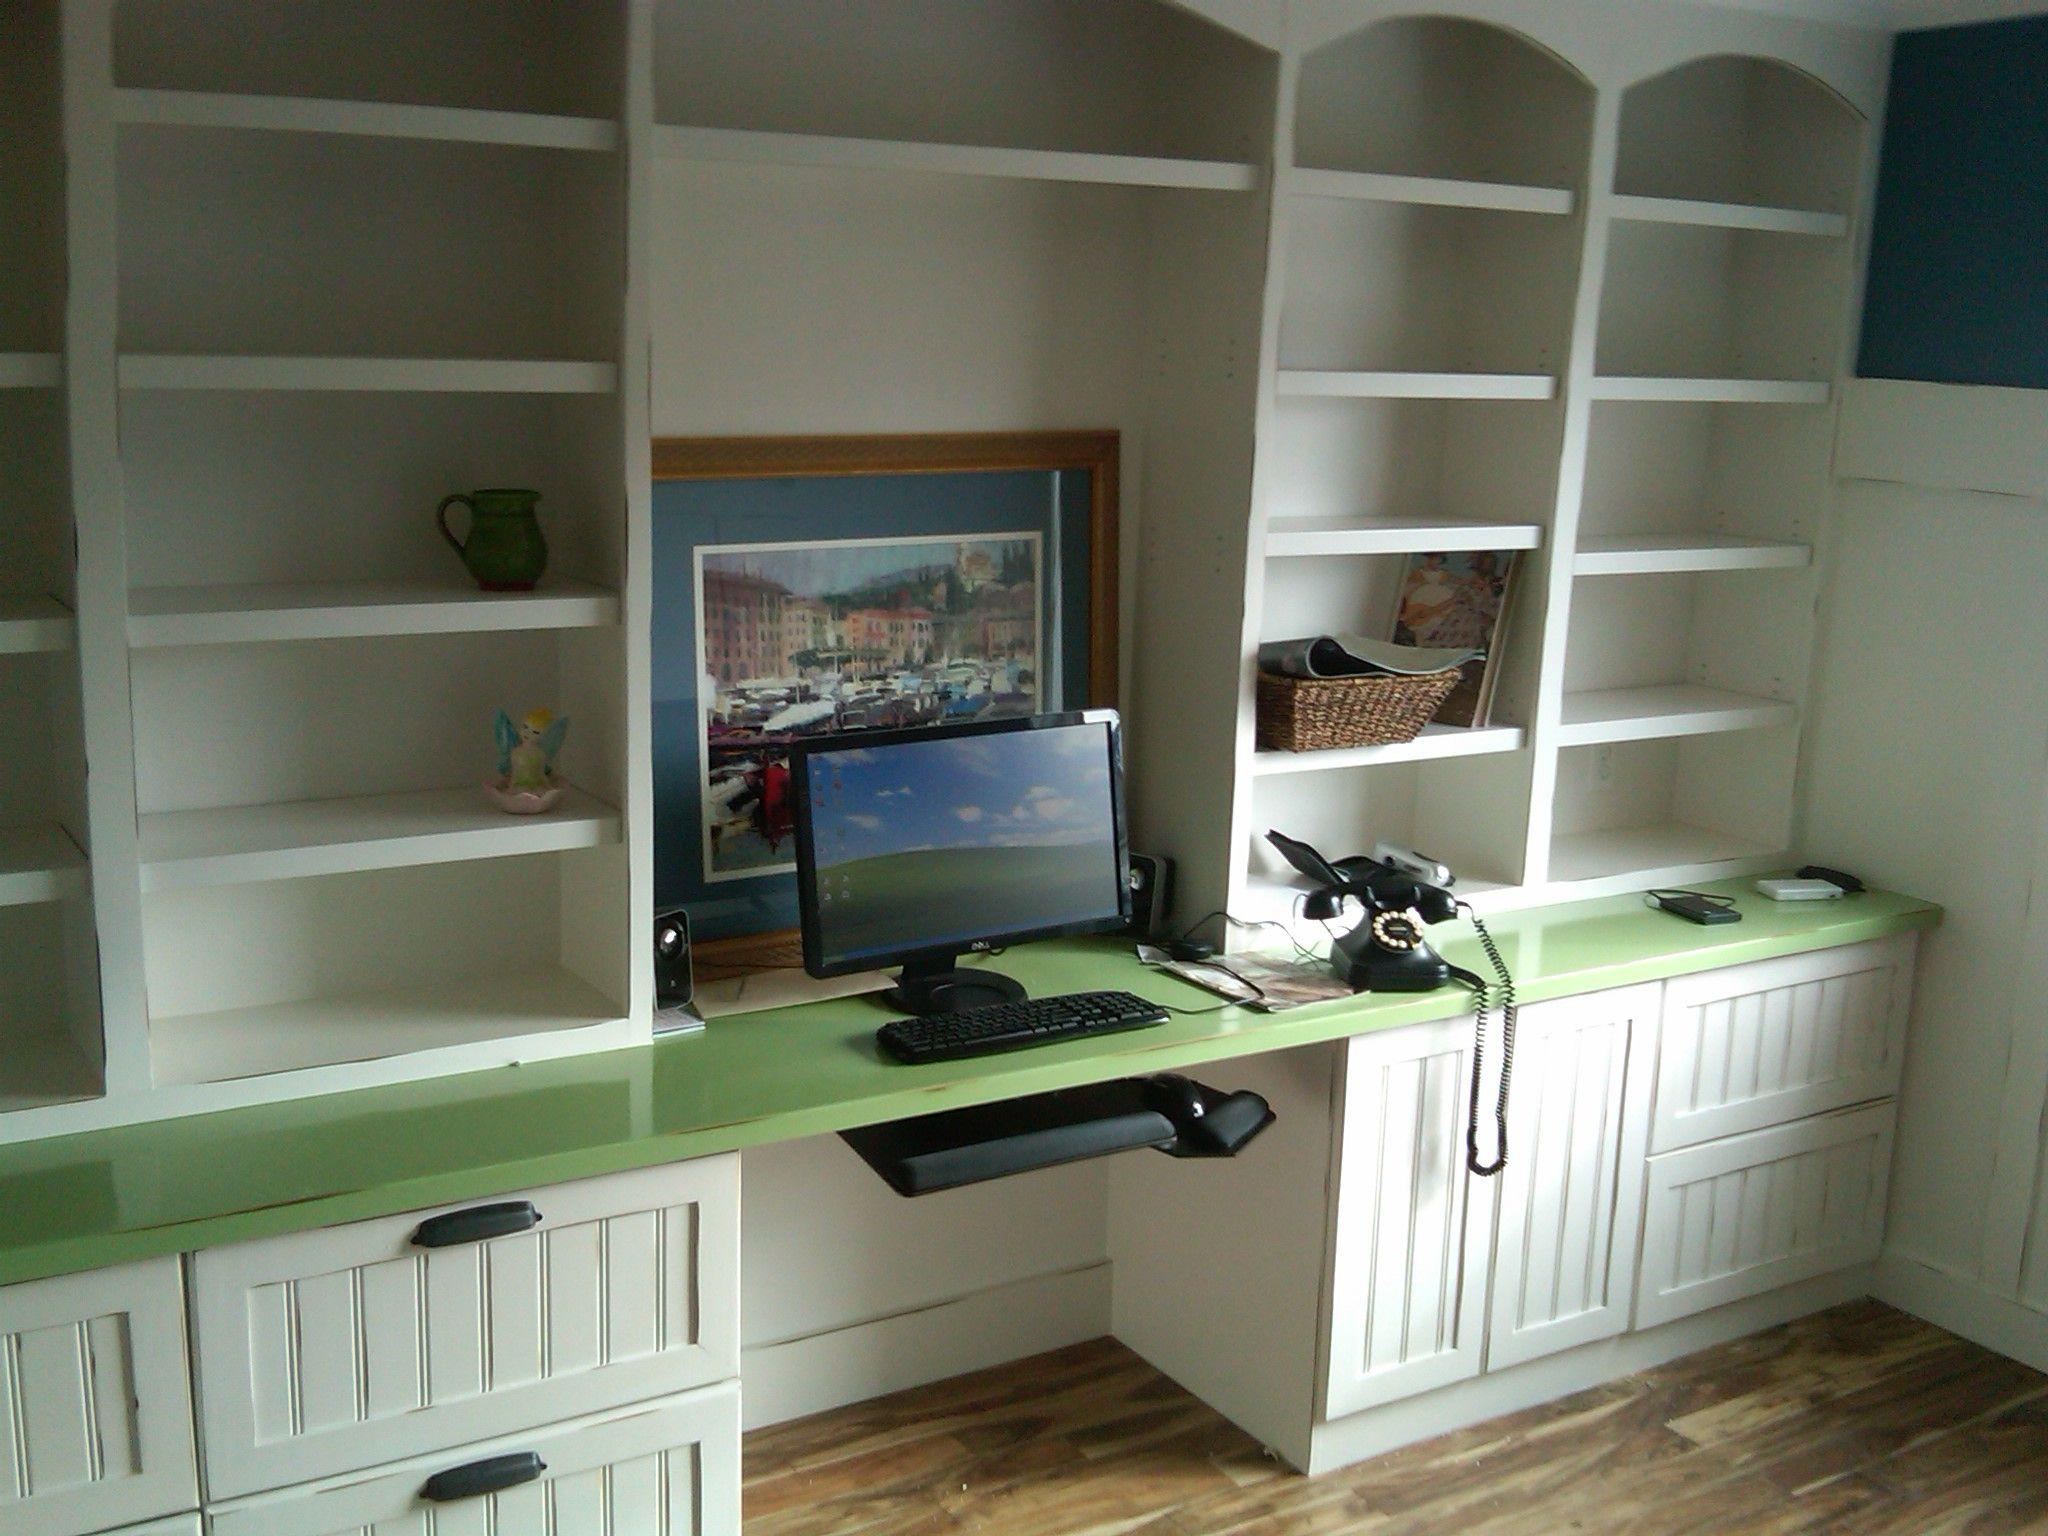 Built In Bookcase Desk Plans Plans Free Download Home Office Storage Built In Desk Built In Computer Desk